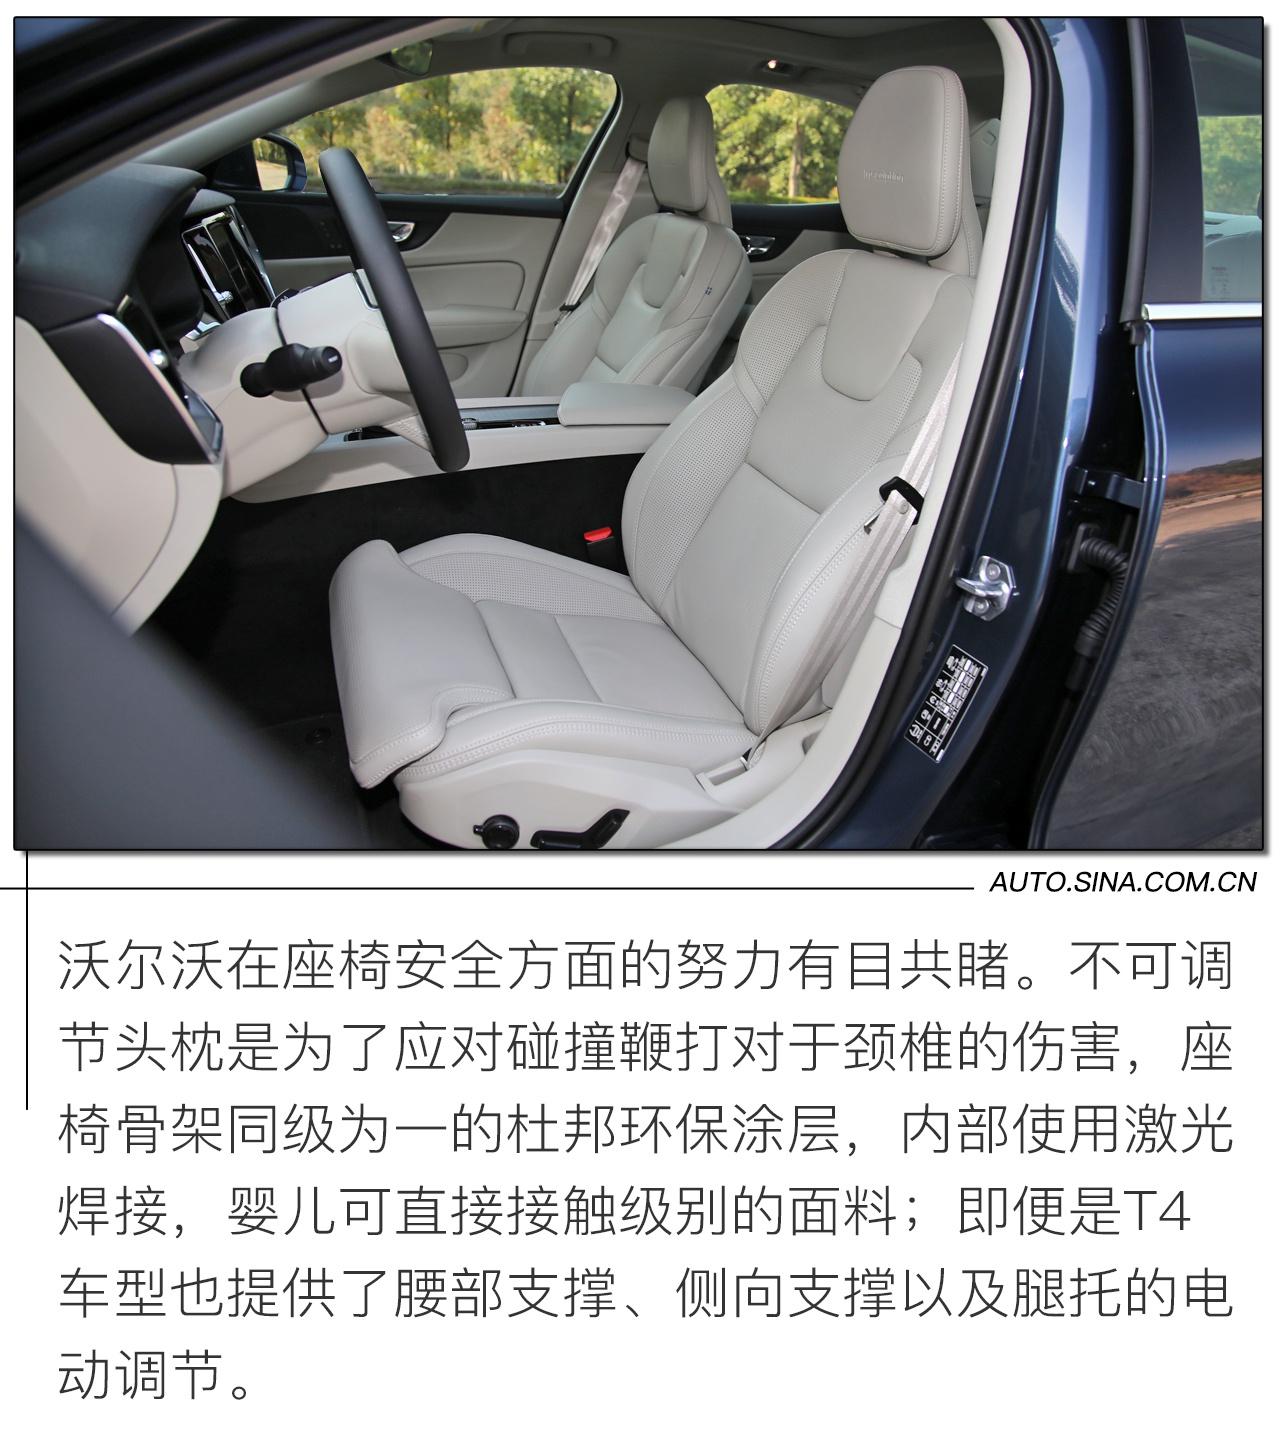 由内到外质感提升 沃尔沃全新S60试驾